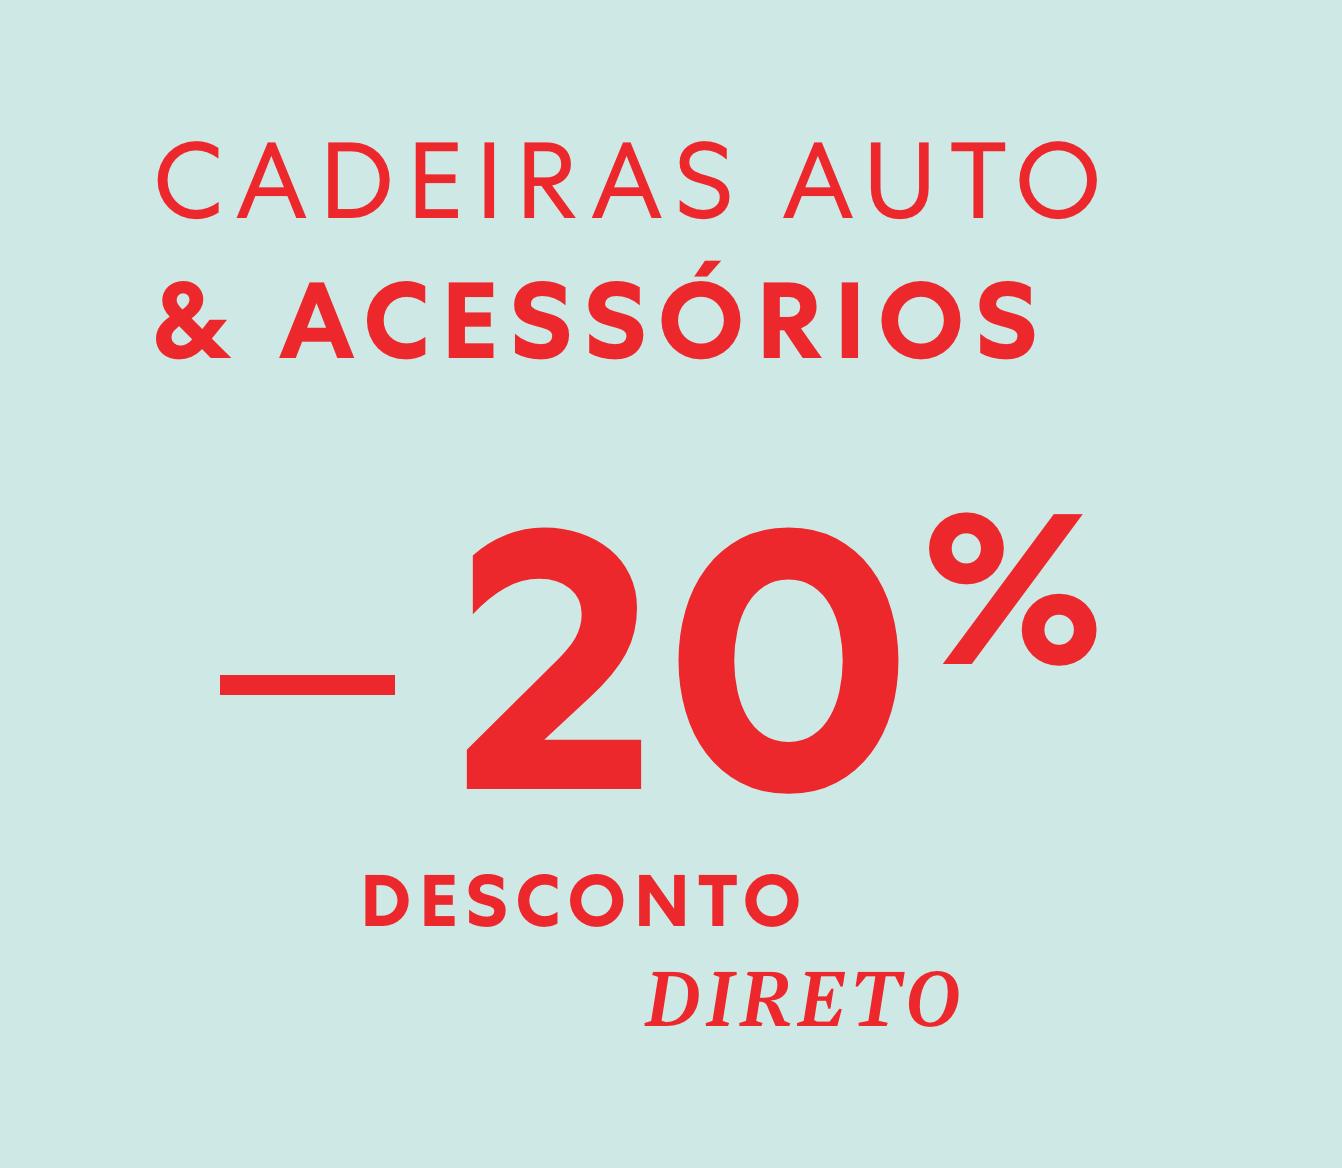 20% desconto em cadeiras auto e acessórios | Zippy Online